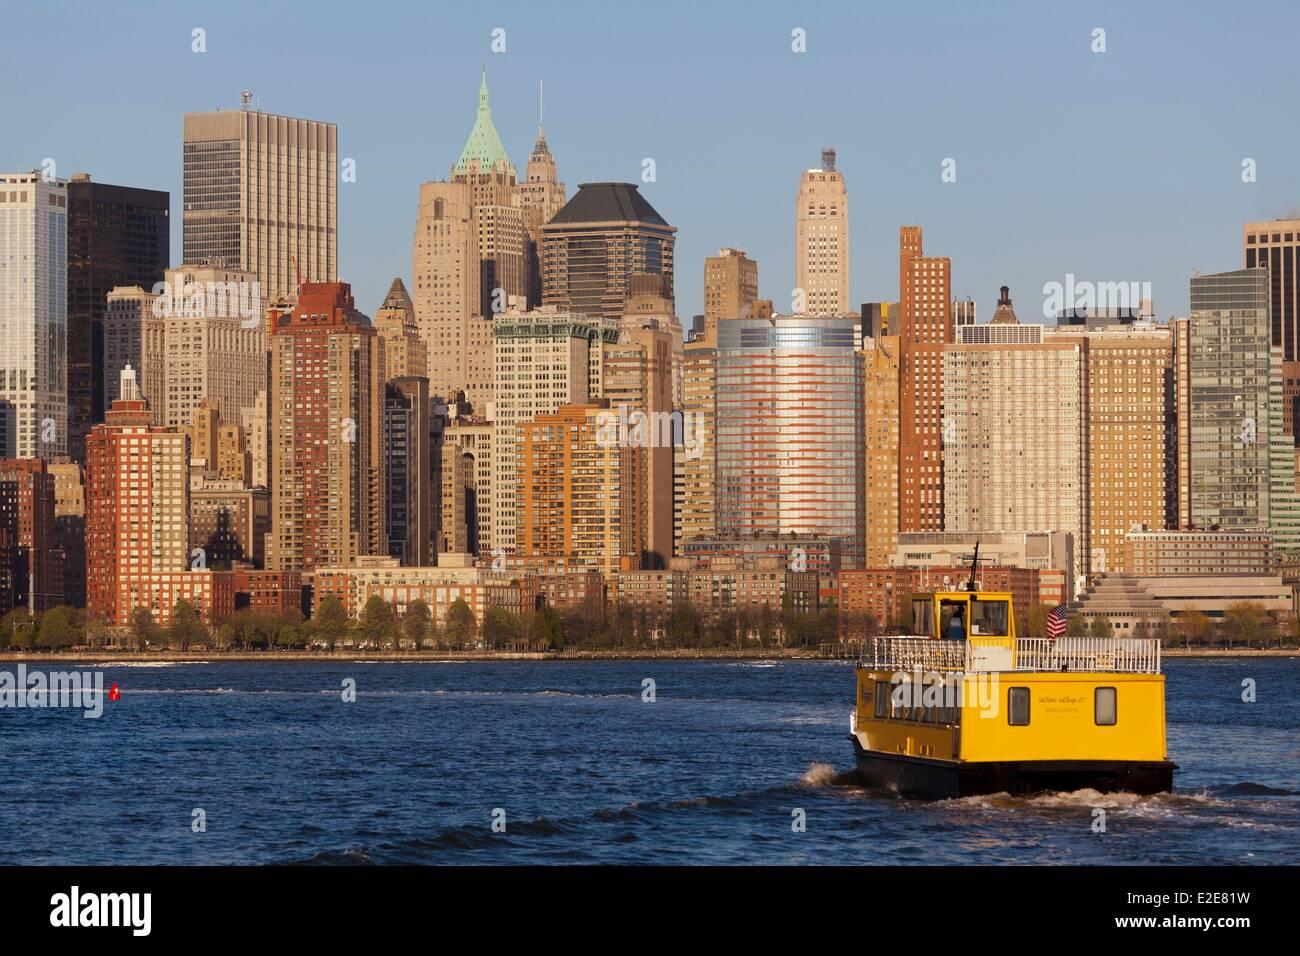 United States, New York, Manhattan, un bateau-taxi sur la rivière Hudson allant de Jersey City à Manhattan Photo Stock